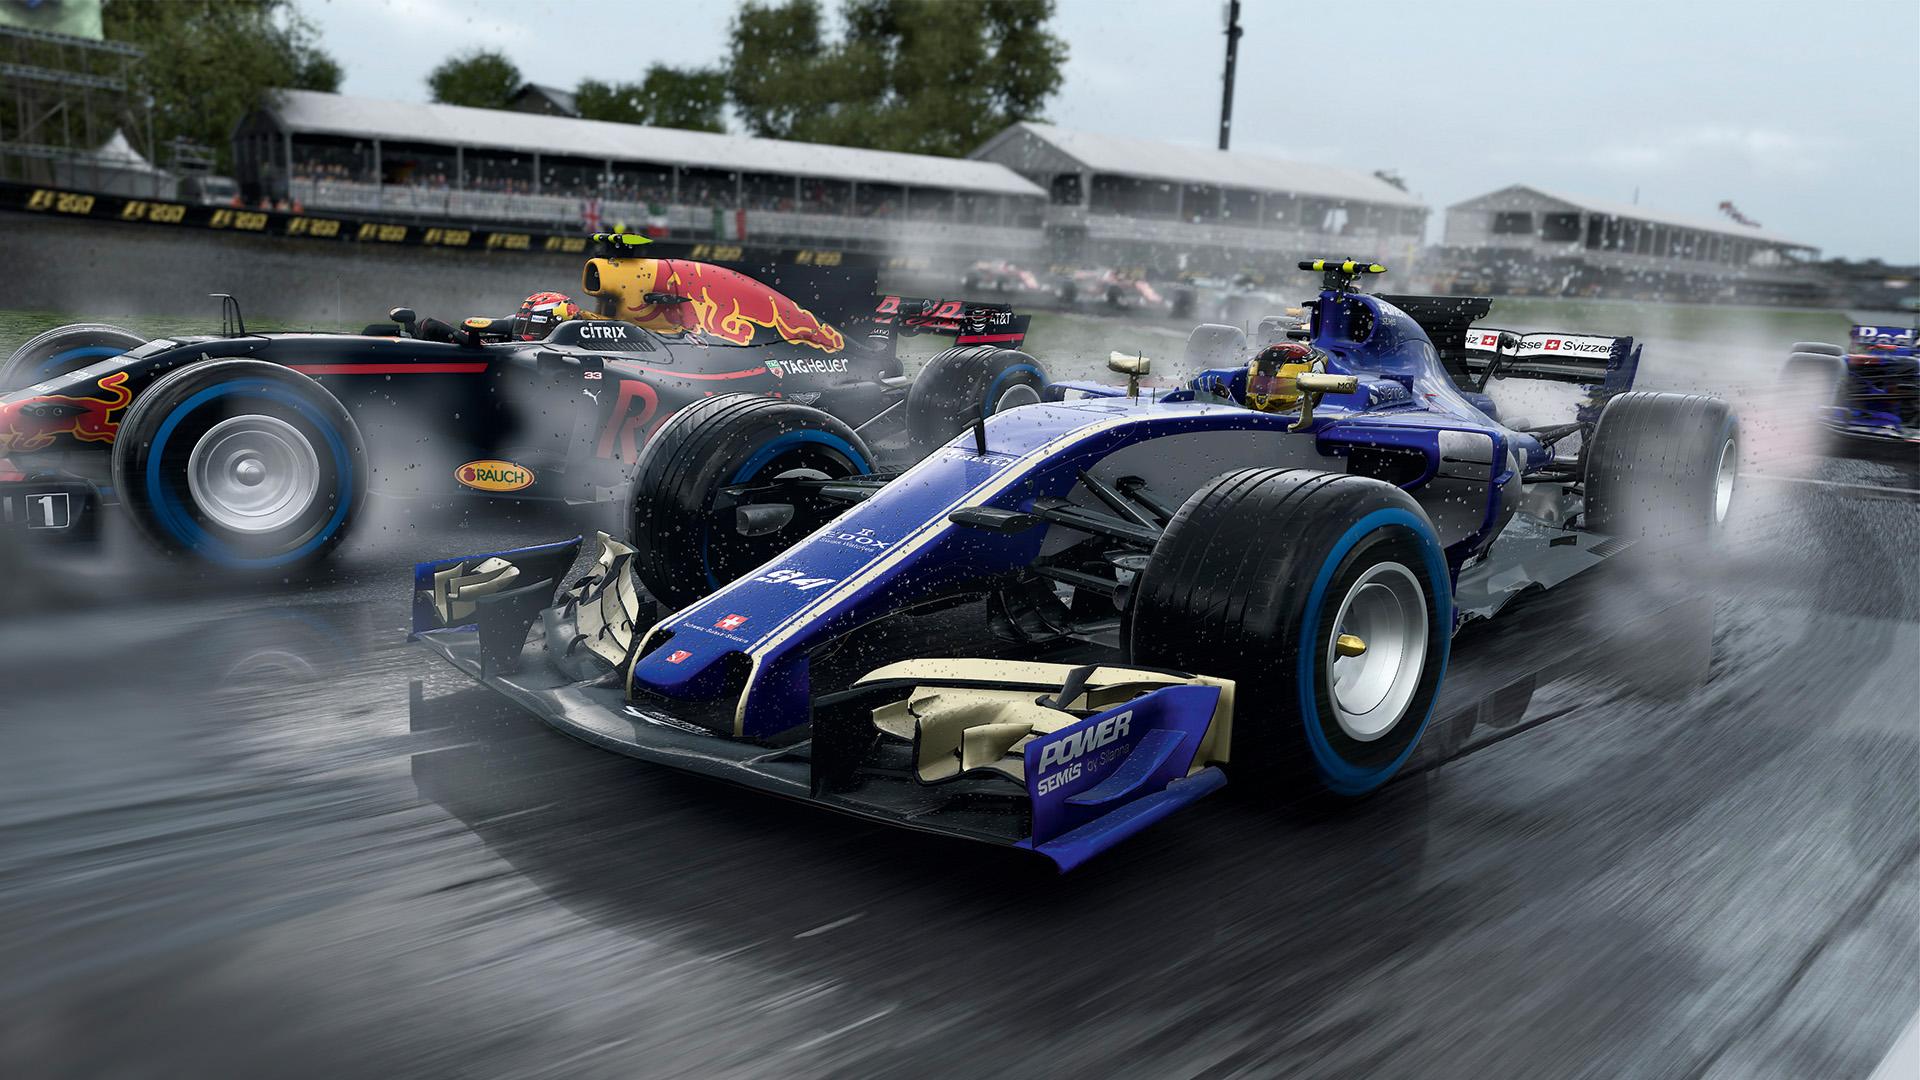 The Formula 1 Esports Series será o primeiro campeonato oficial promovido pela categoria.